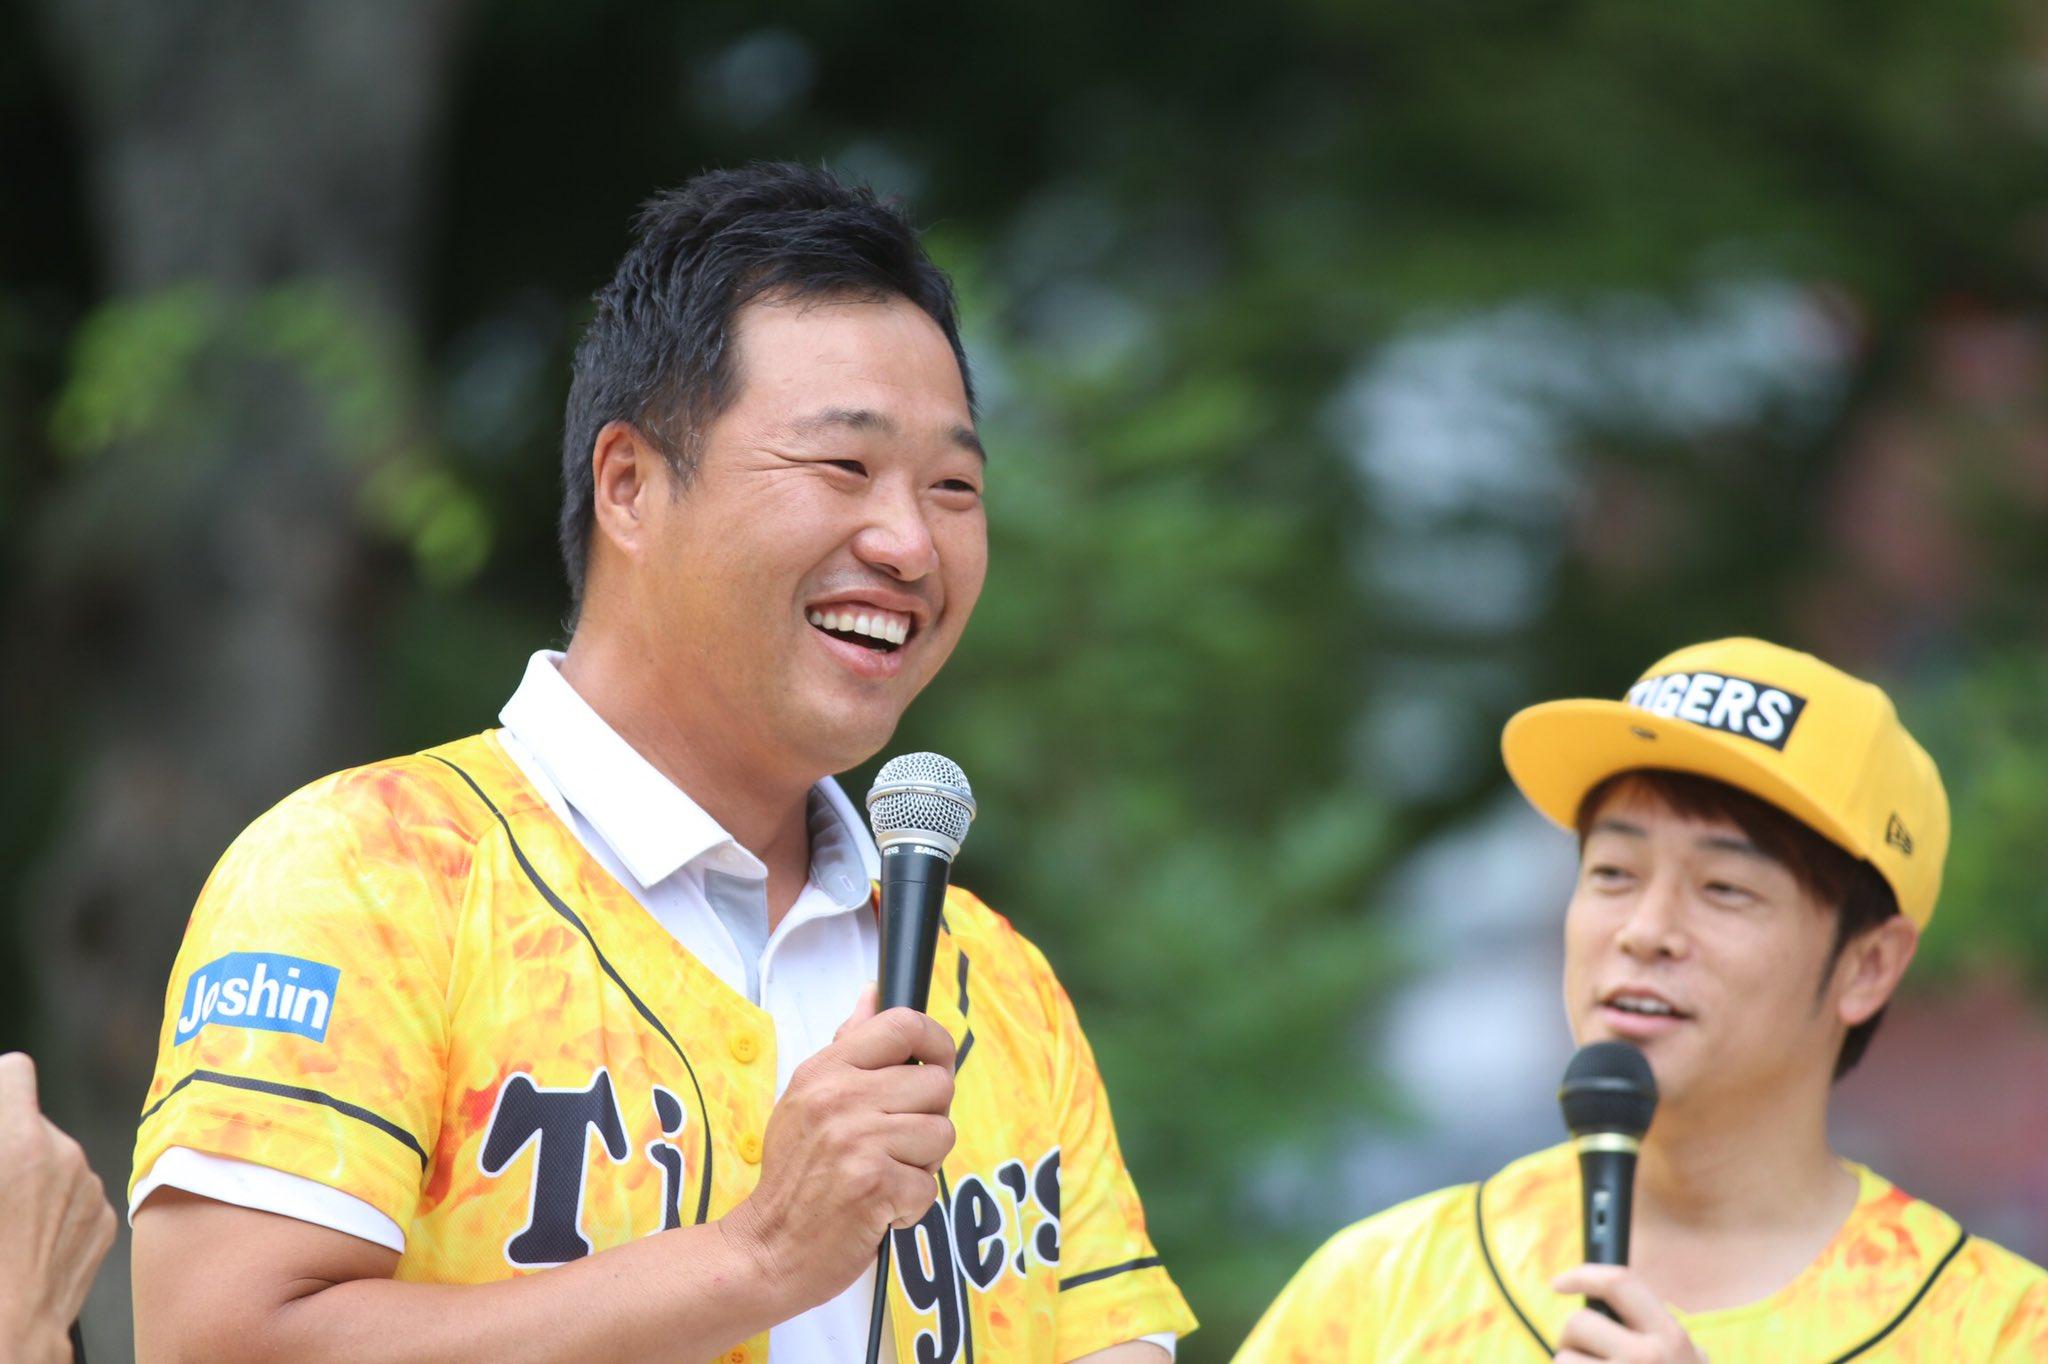 賢太郎 関本 関本賢太郎は韓国人?嫁と子供も気になるけど現在の年収も調べてみた!